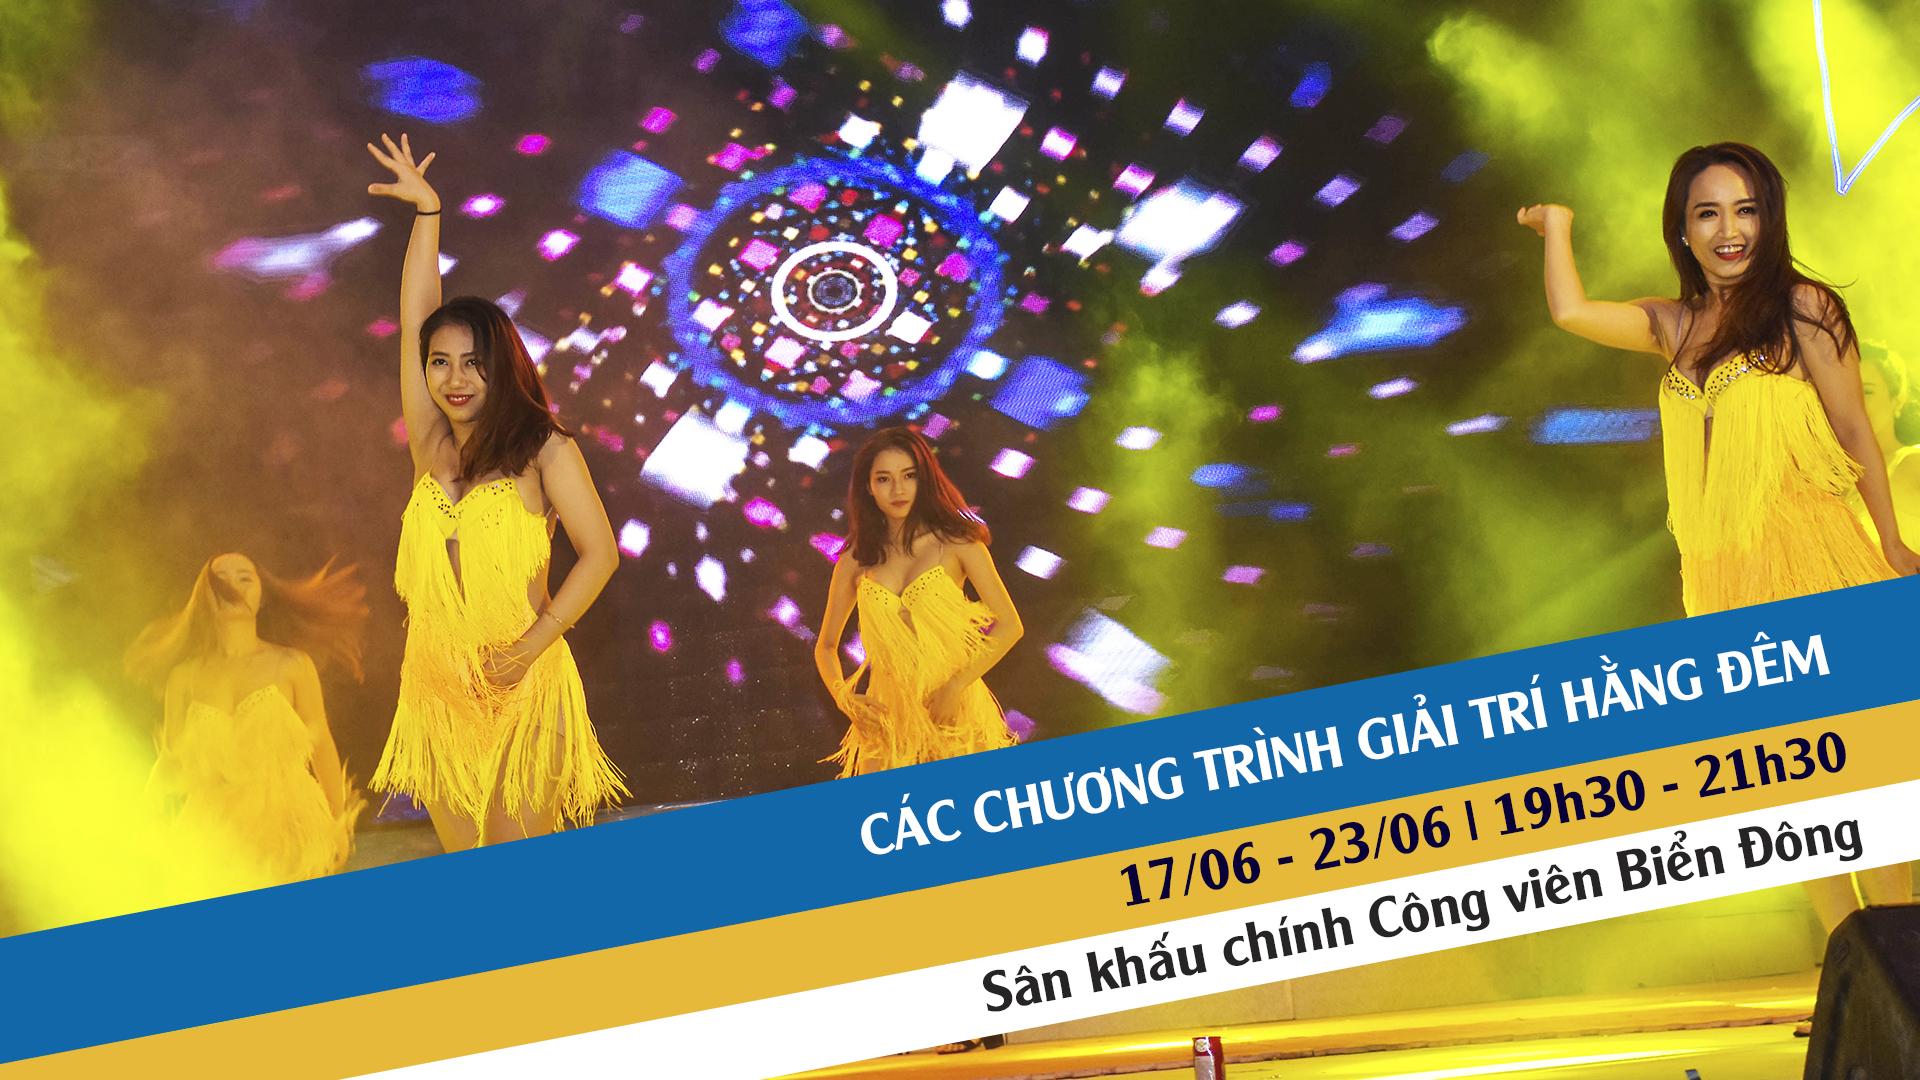 Đà Nẵng - Điểm hẹn mùa hè 2017 10